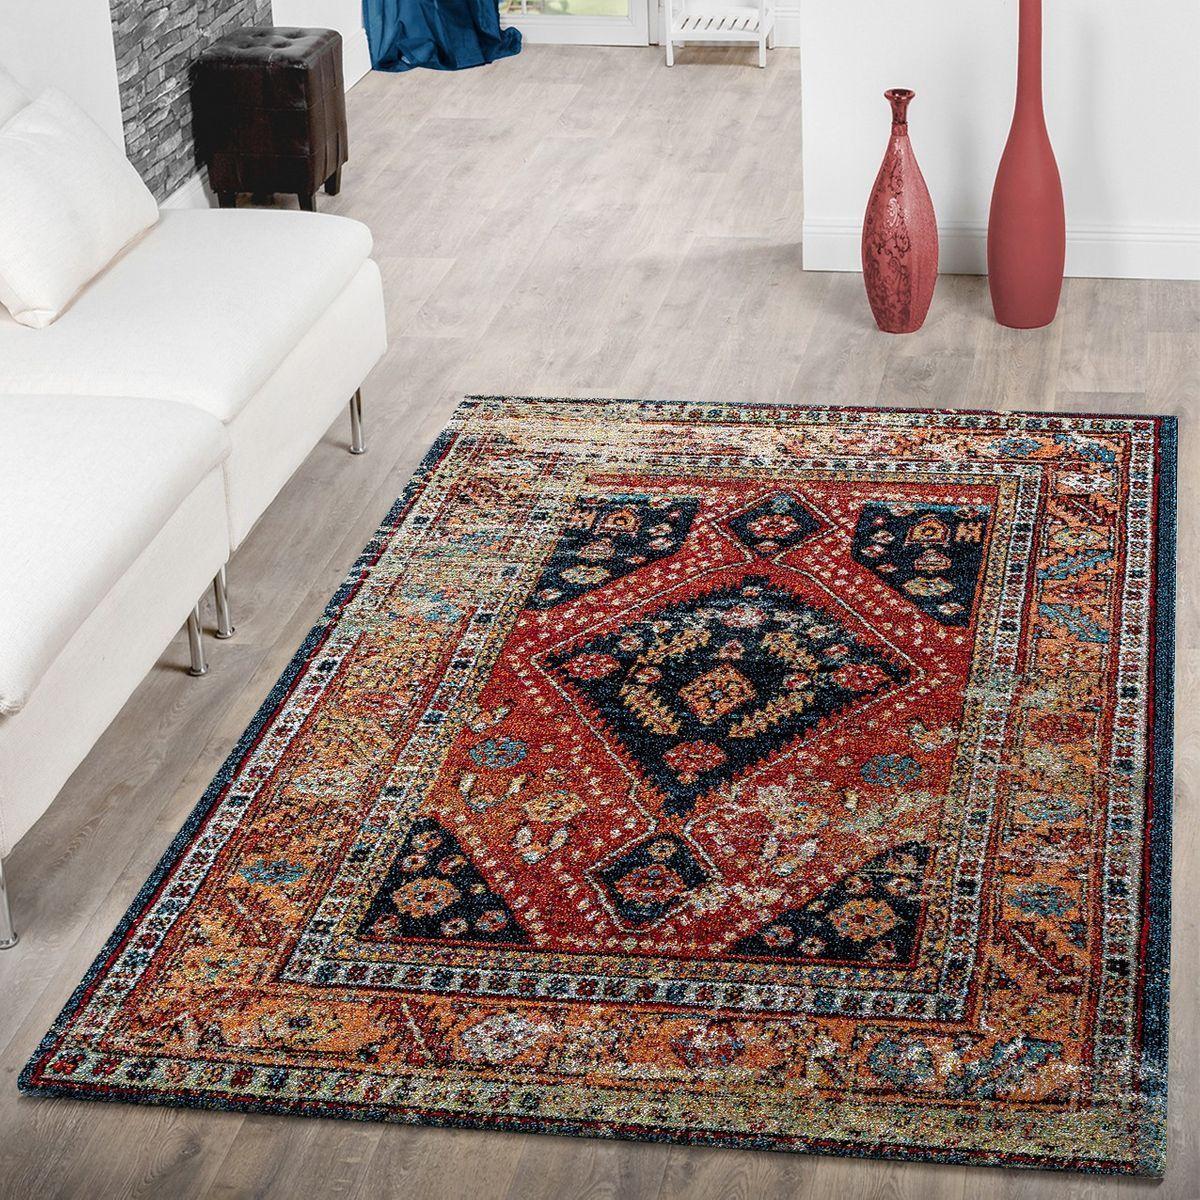 Teppich Modern Orientalisch Schwarz Mehrfarbig   Wohnzimmer-Teppiche   Teppiche …